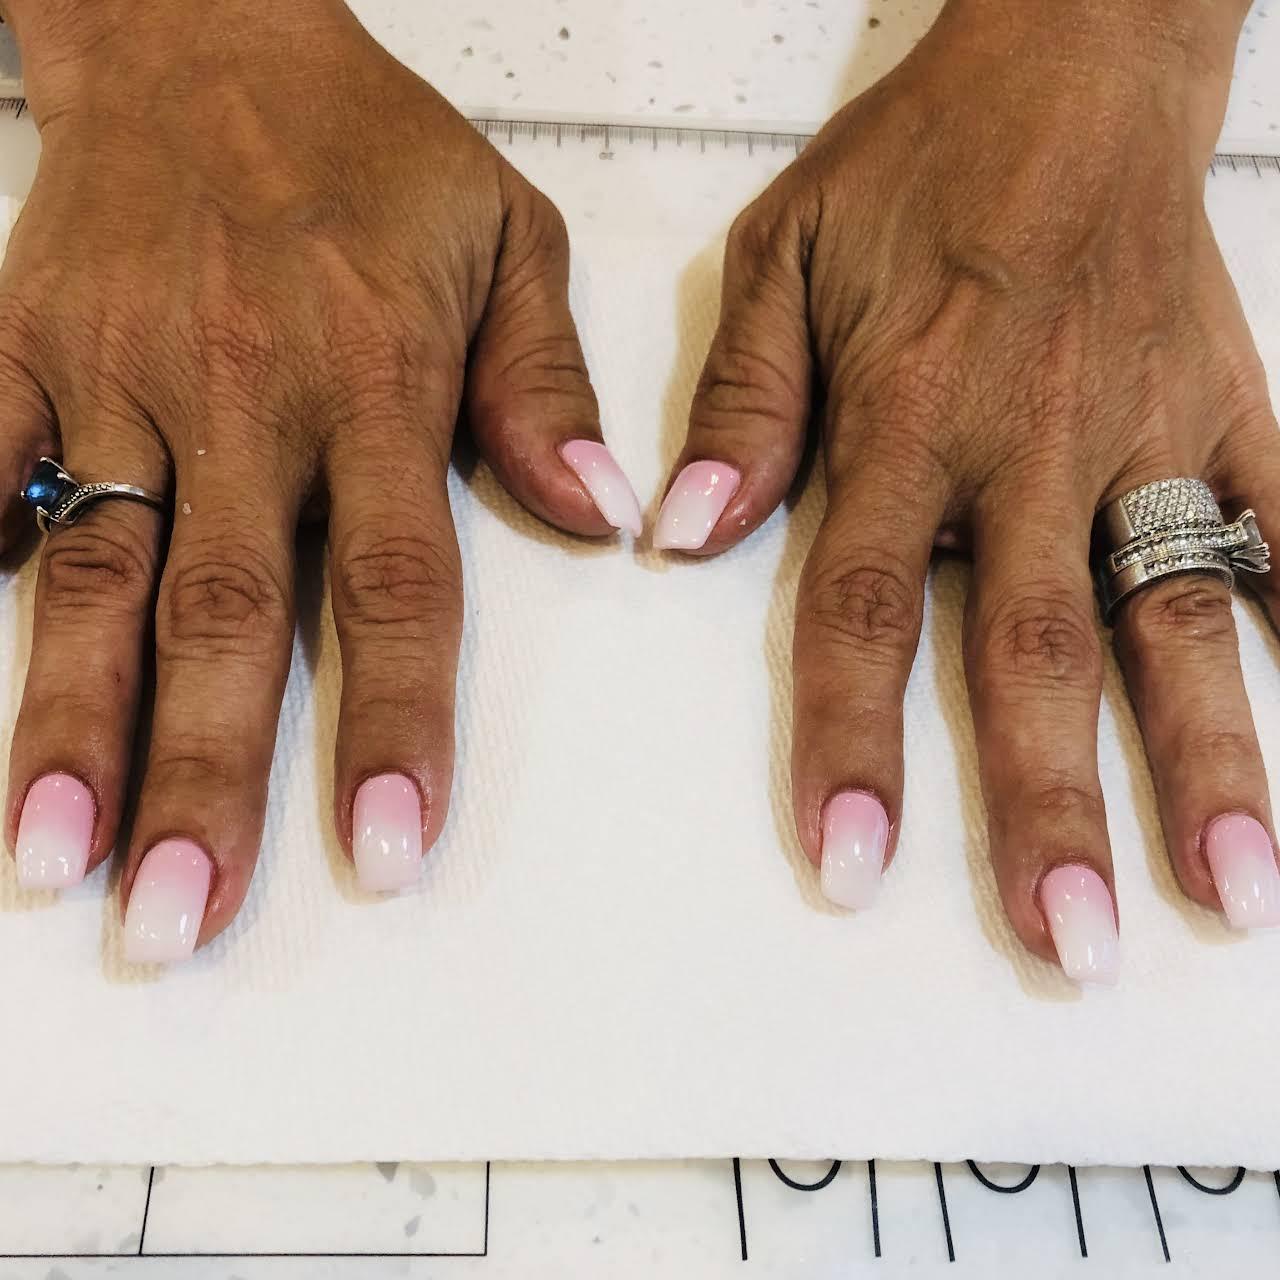 Euro nails spa - Nail Salon in Lake Bluff